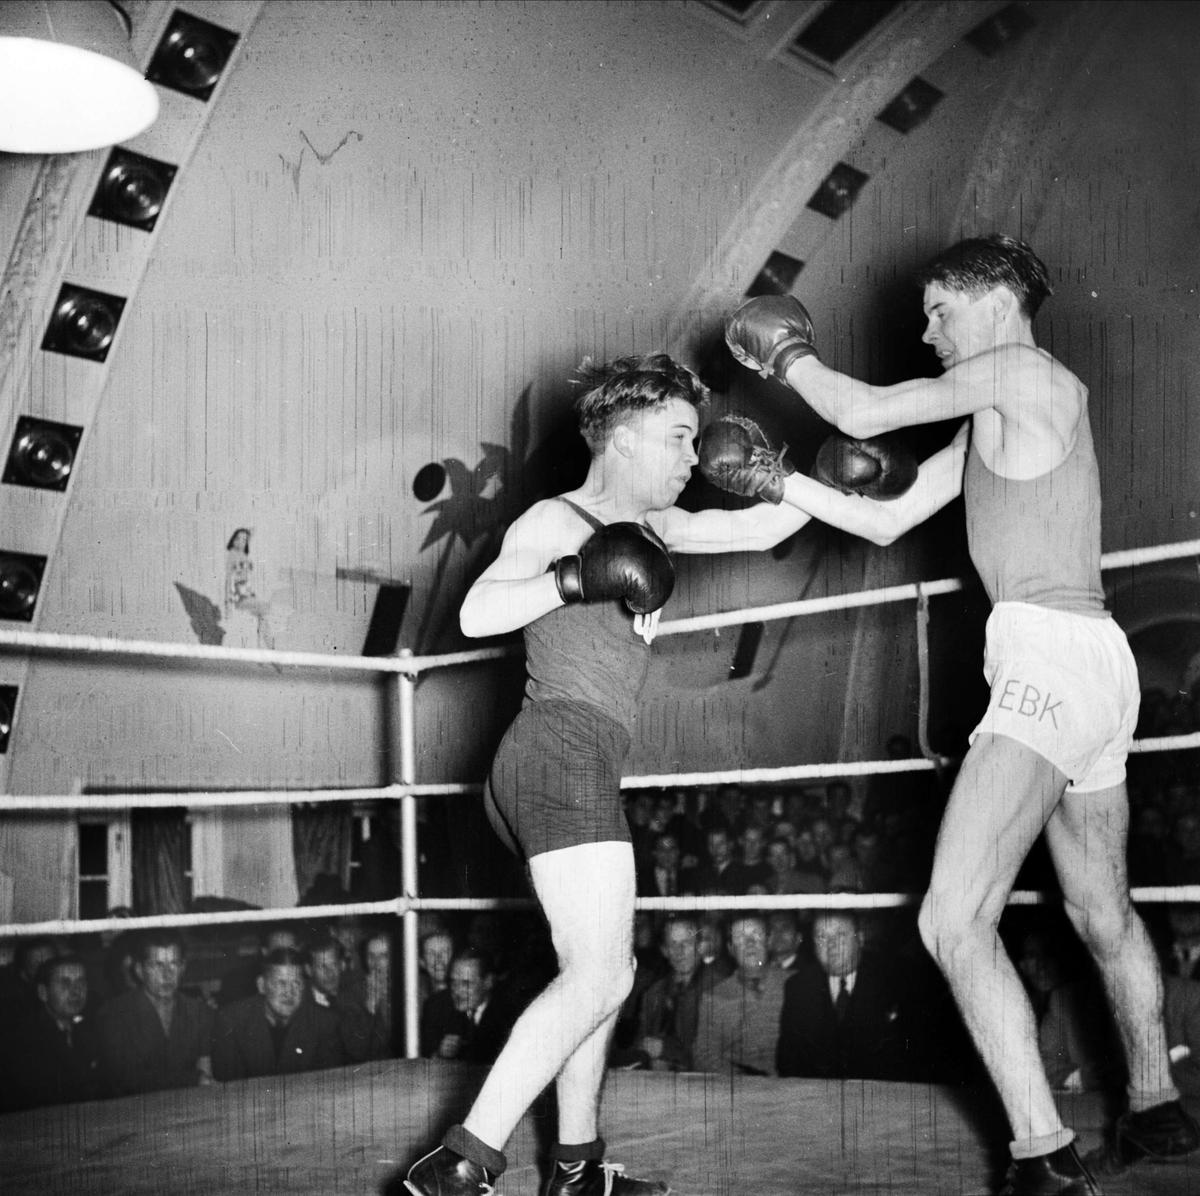 Boxningsmatch - Upsala Idrottsförening, UIF, Bluffen, Kungsgatan, Uppsala 1947